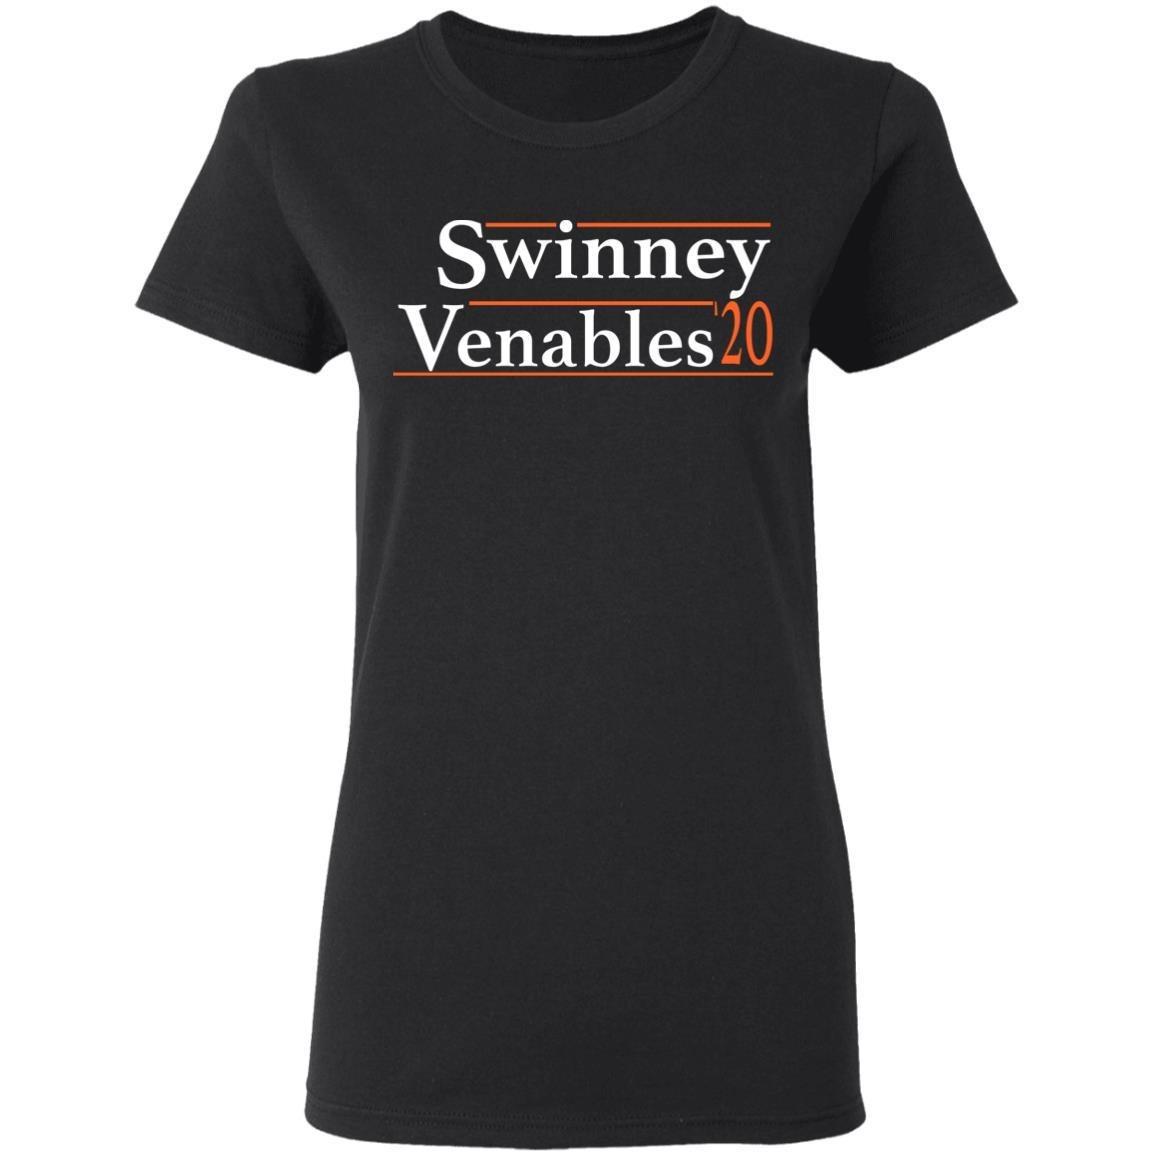 Swinney Venables 2020 Shirt